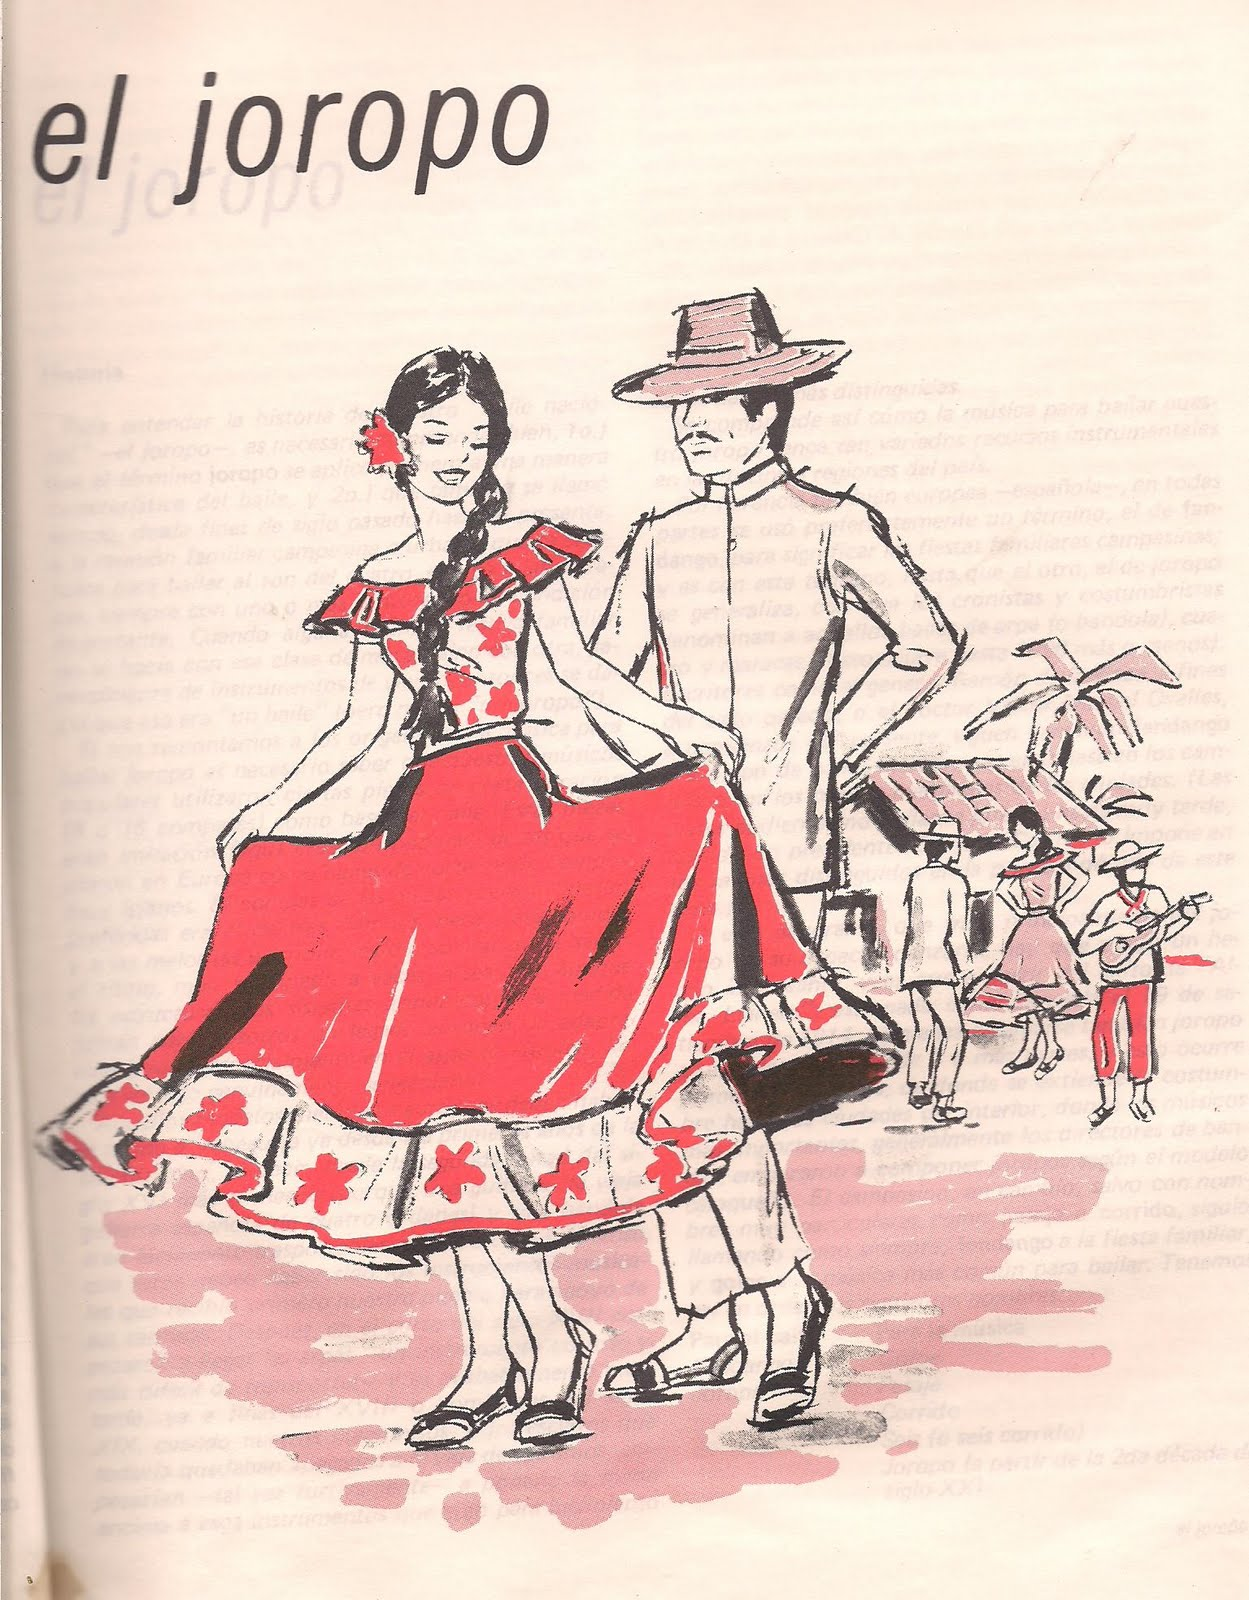 Dibujo Bailando El Joropo Llanero